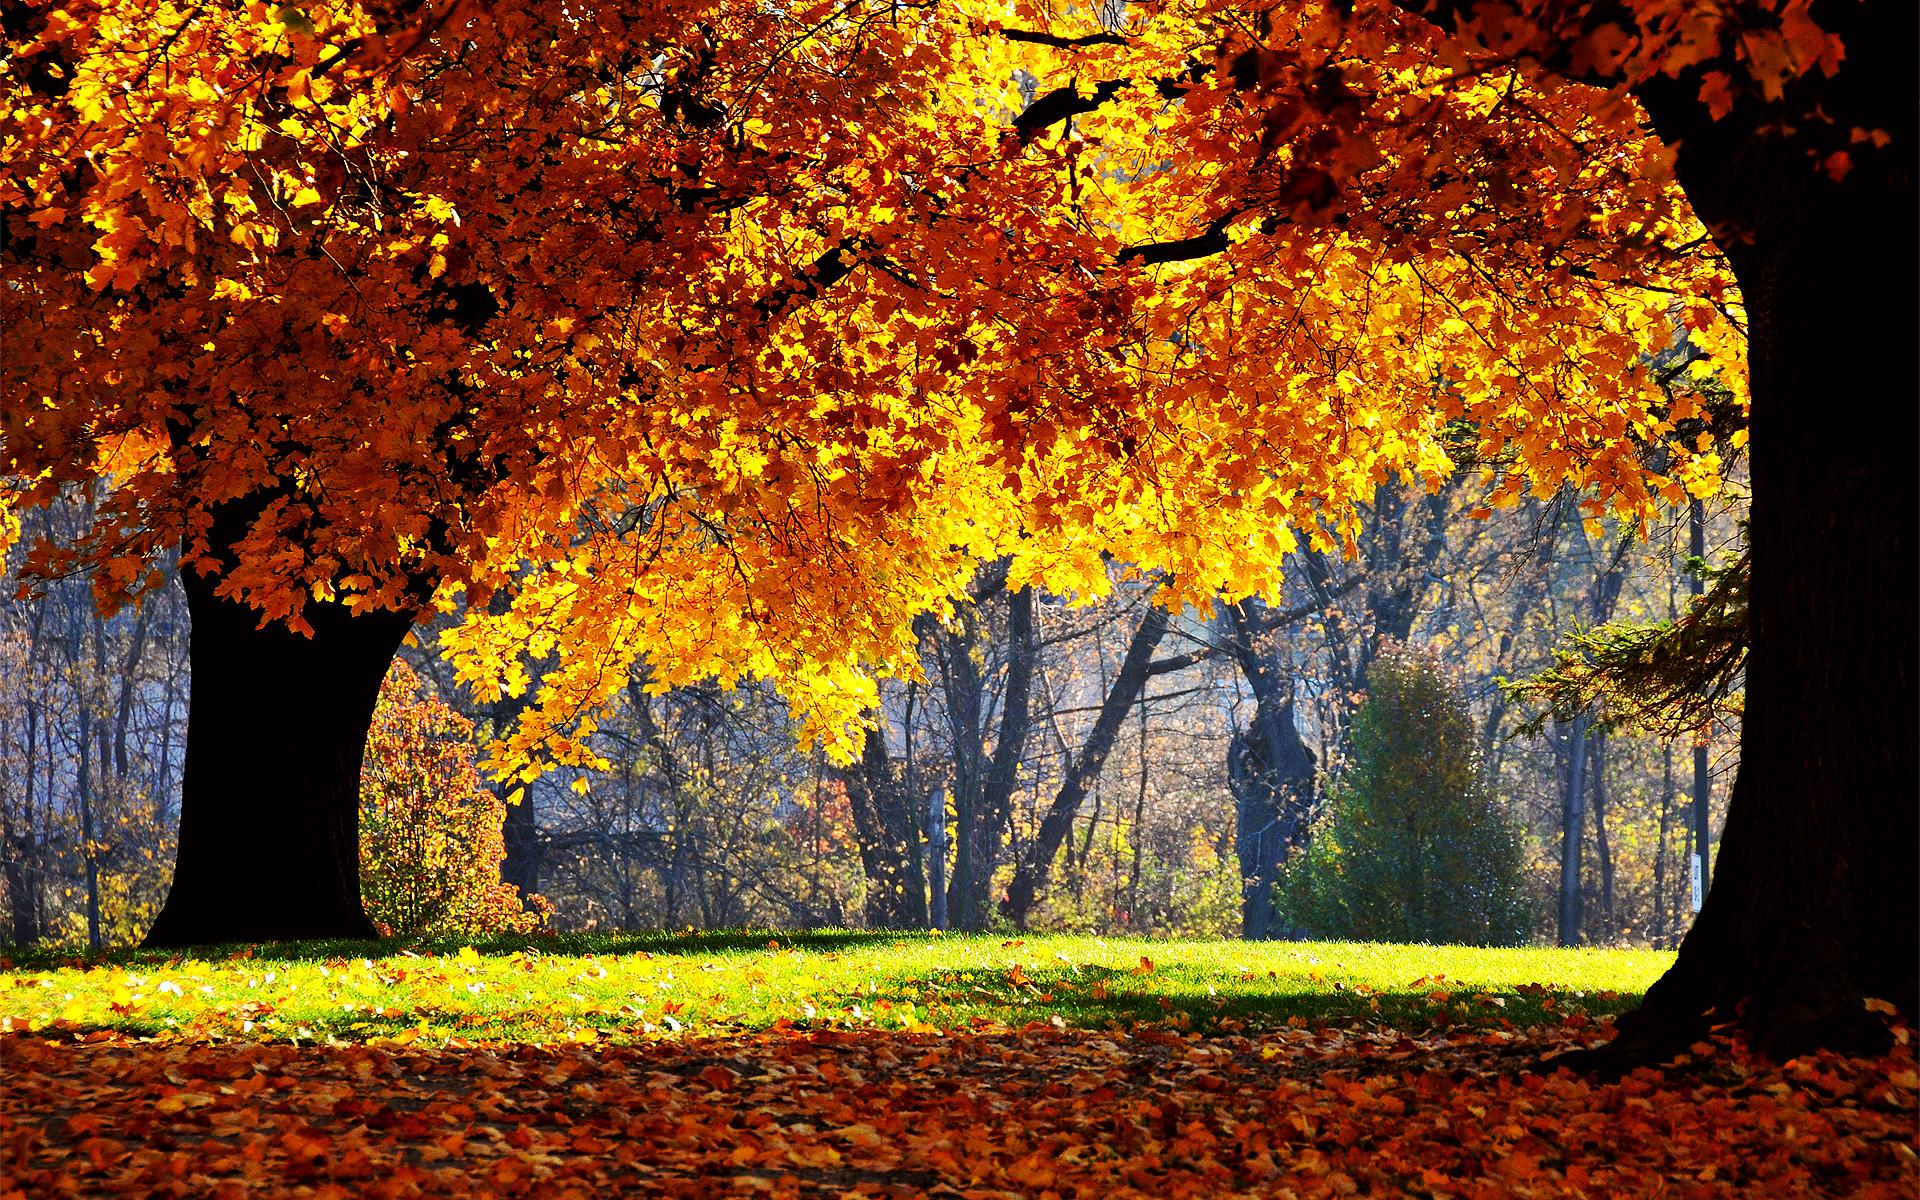 fall desktop wallpaper backgrounds   wwwwallpapers in hdcom 1920x1200